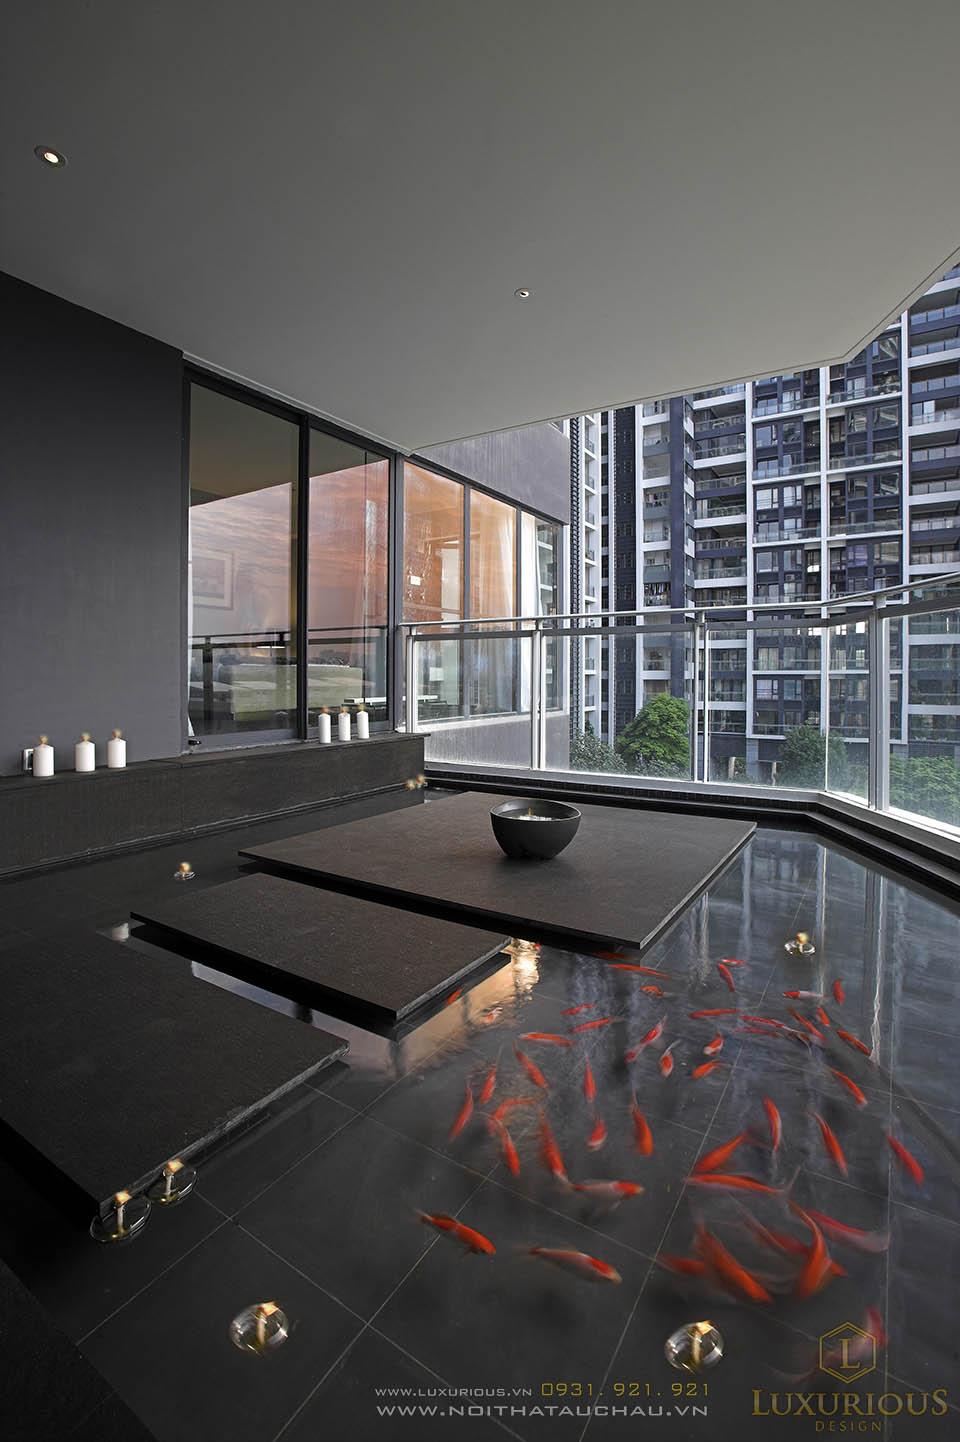 Thiết kế thi công nội thất penthouses tại TP Hồ Chí Minh